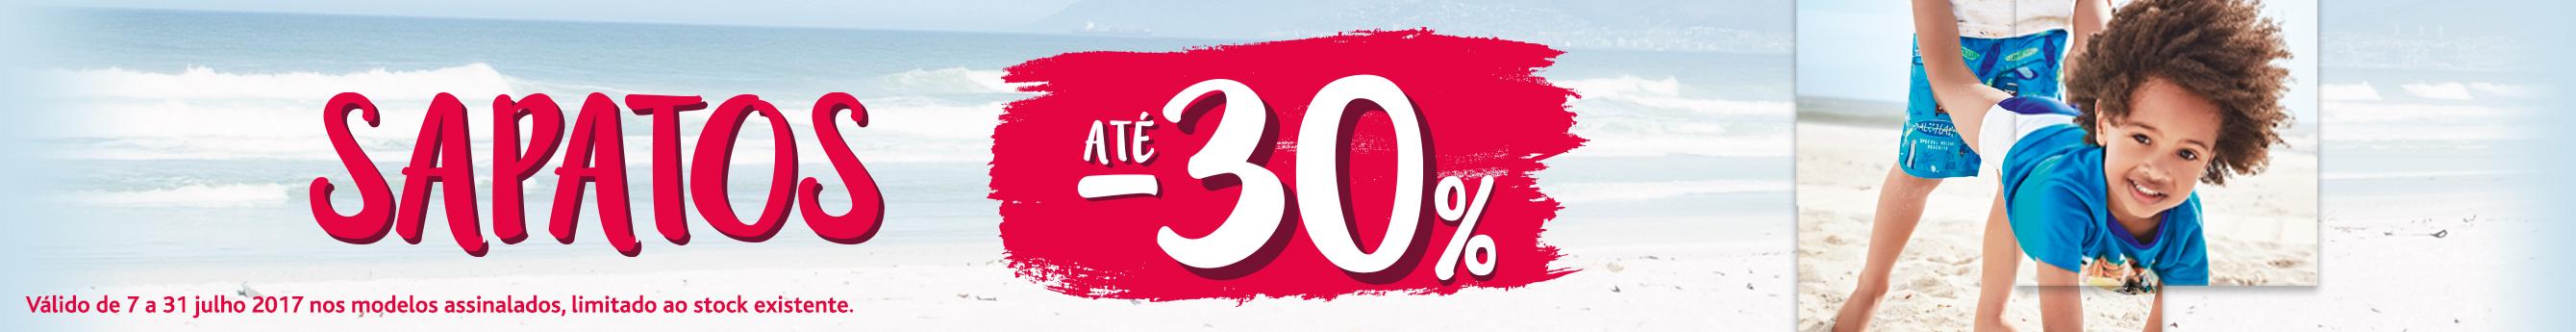 Promoções Sapatos até -30%